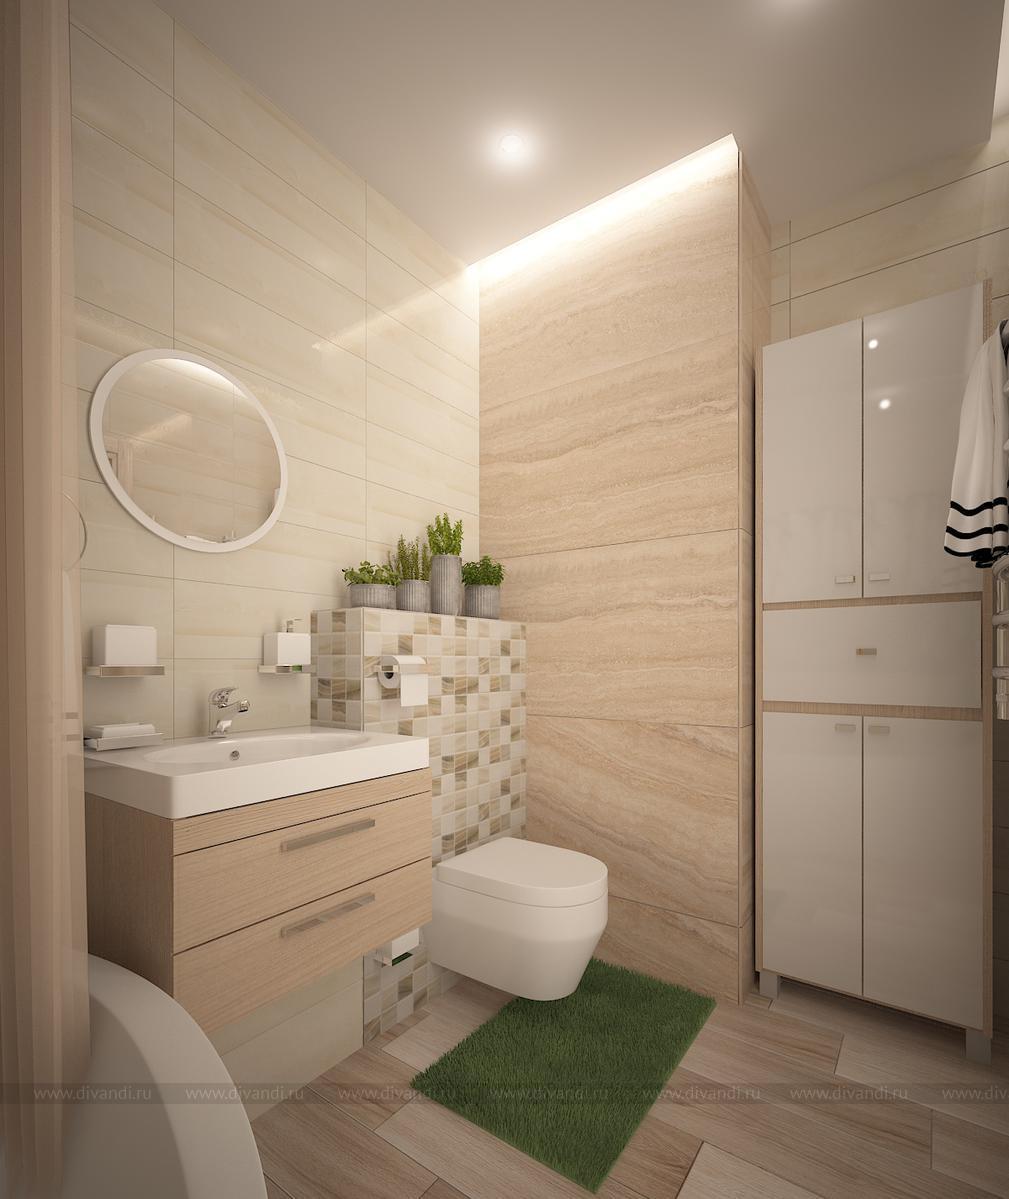 ванная комната в эко стиле дизайн студия Panamera диванди